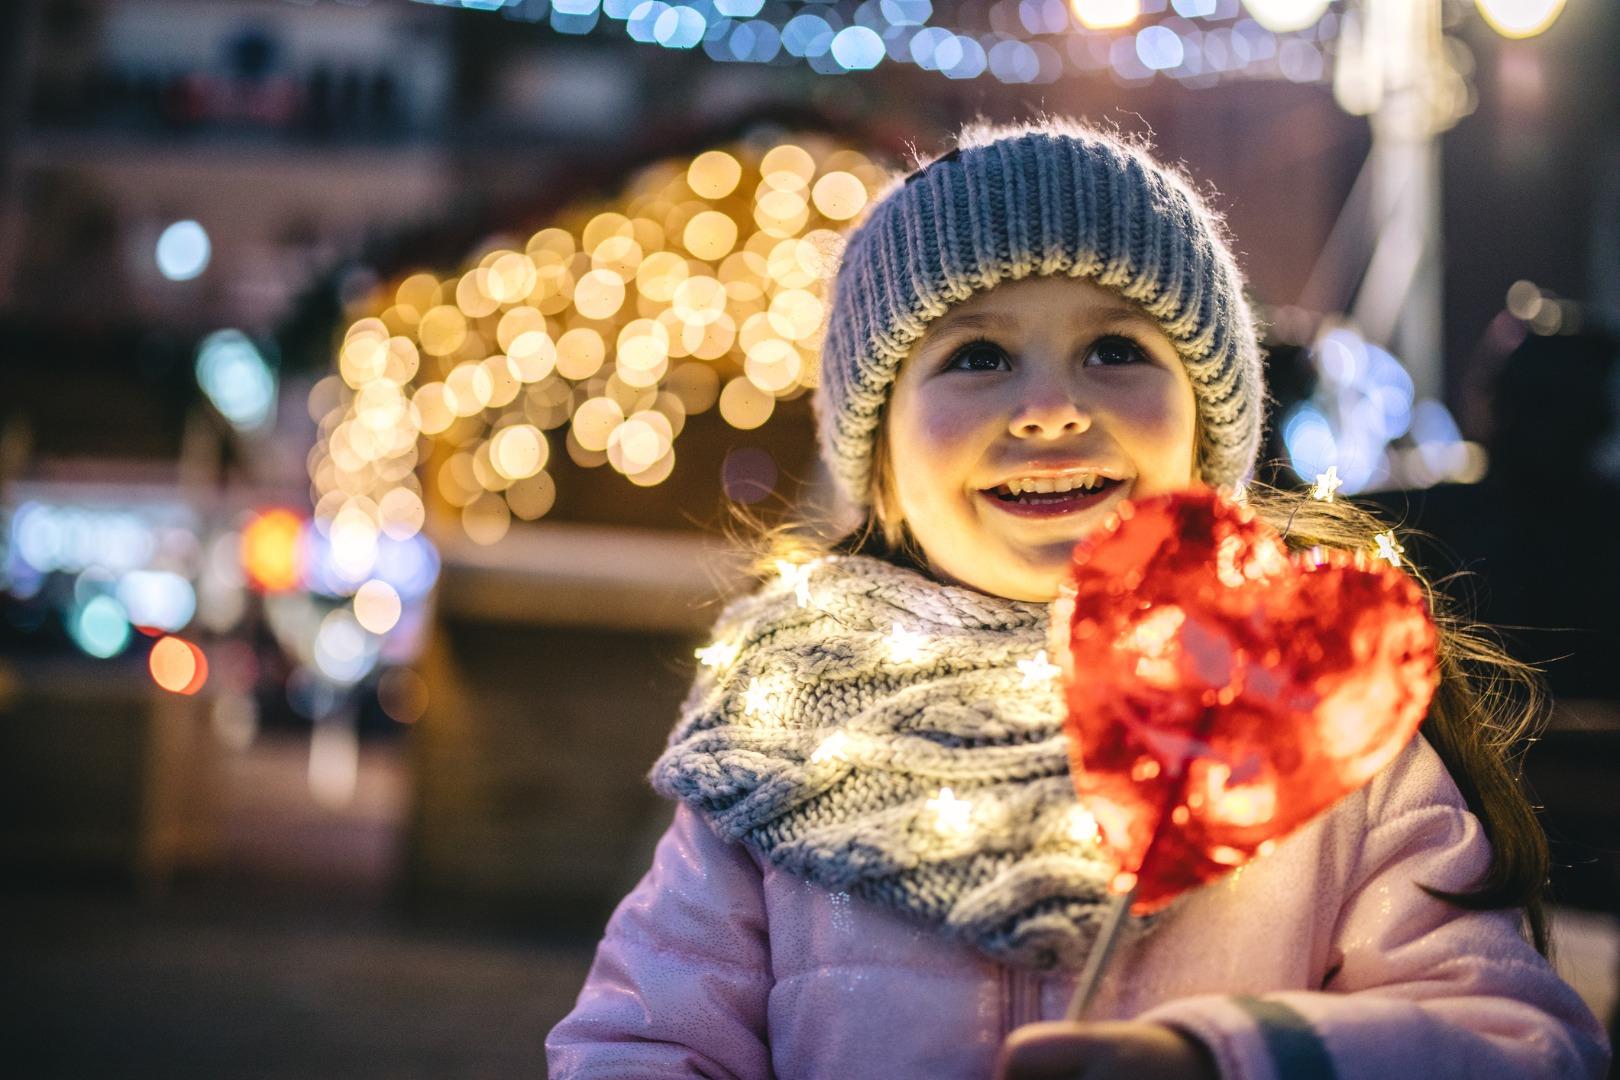 Самые красивые рождественские ярмарки в Европе: 15 городов